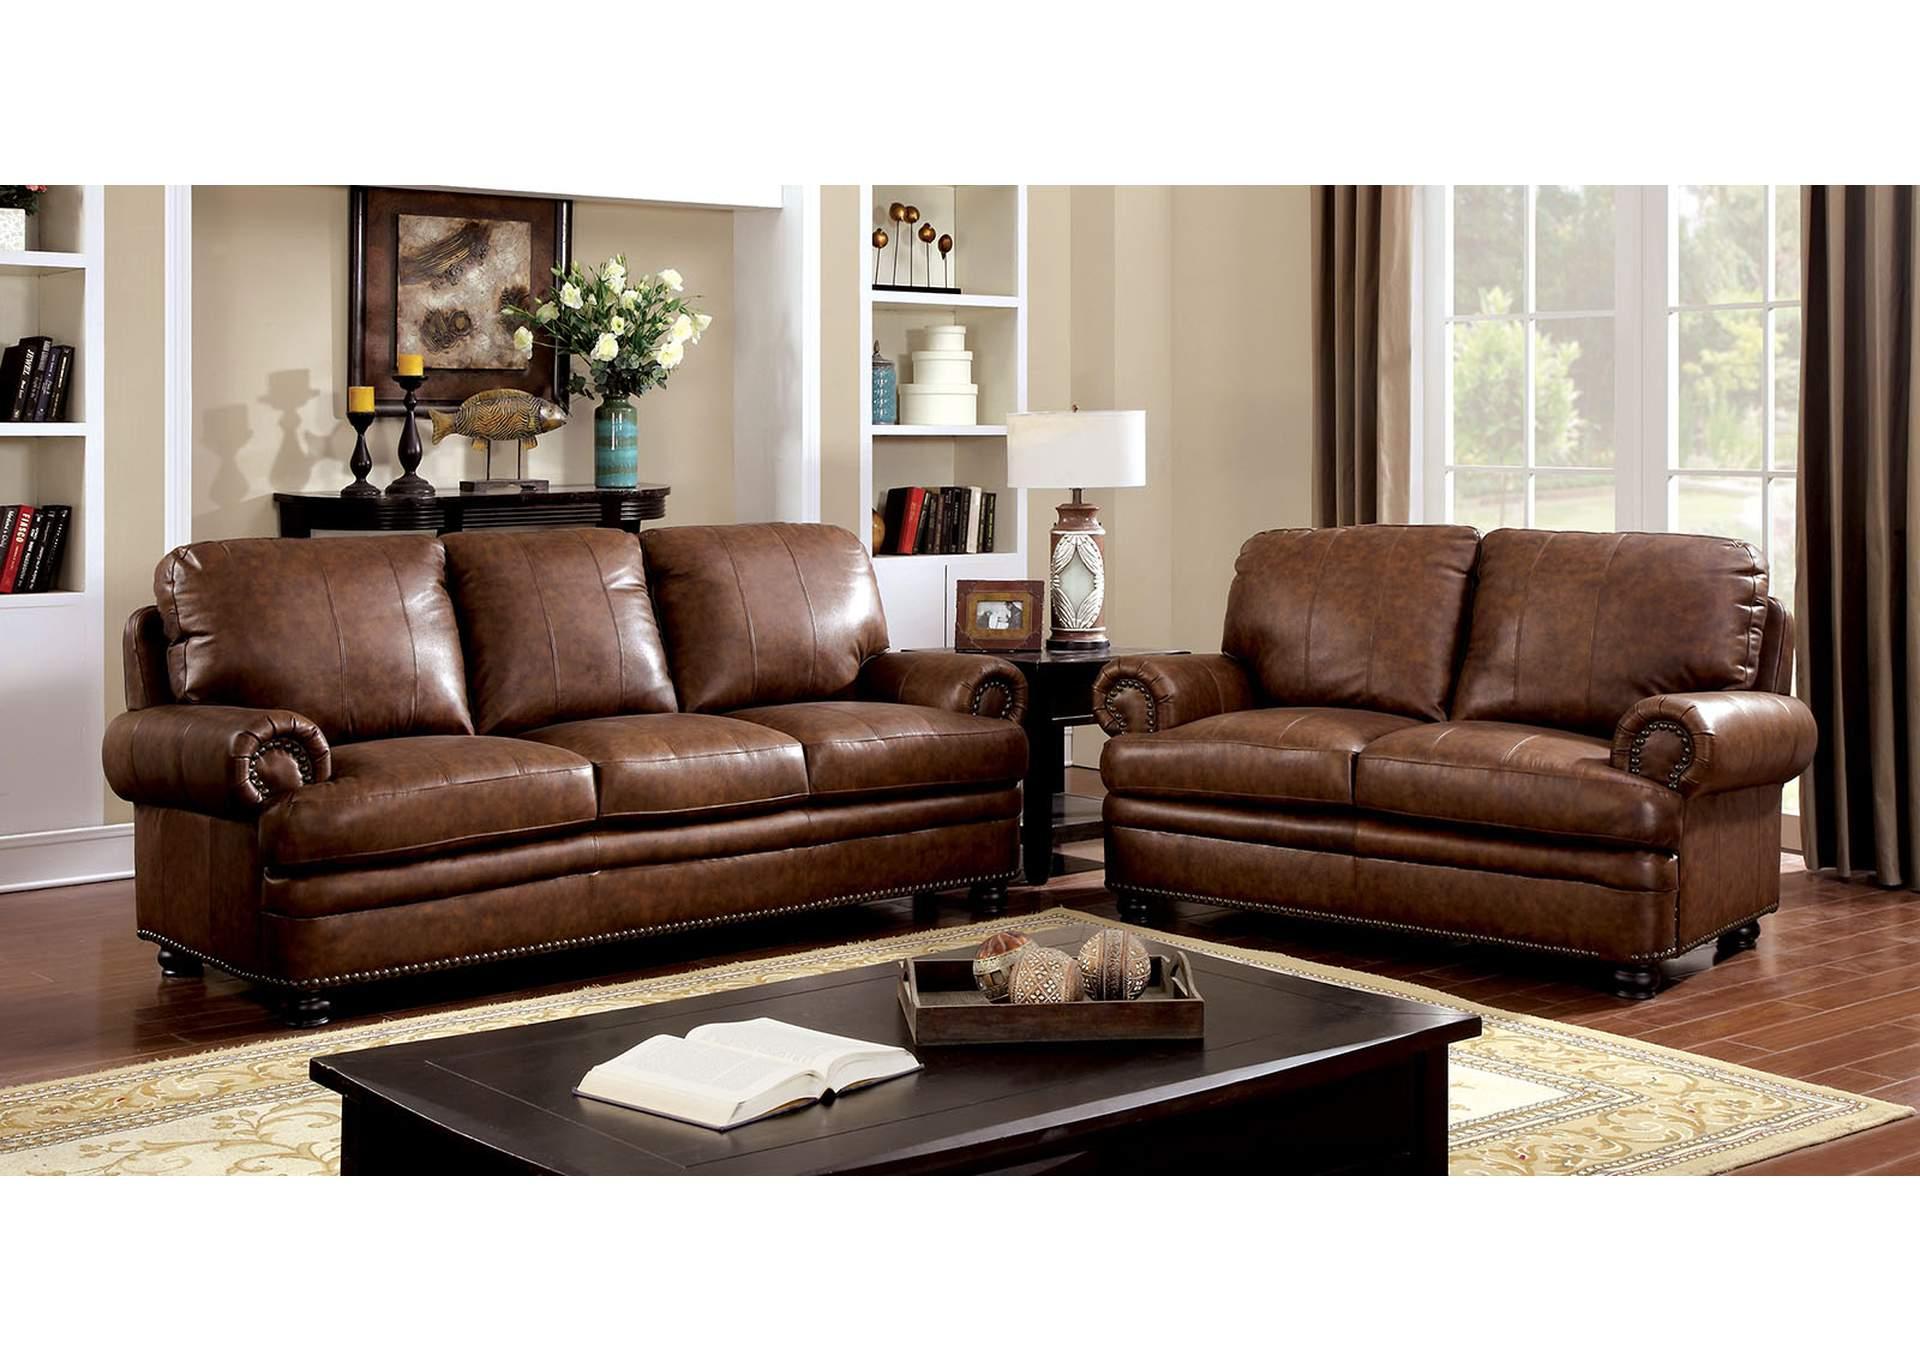 Beverly Hills Furniture Queens Rheinhardt Dark Brown Sofa And